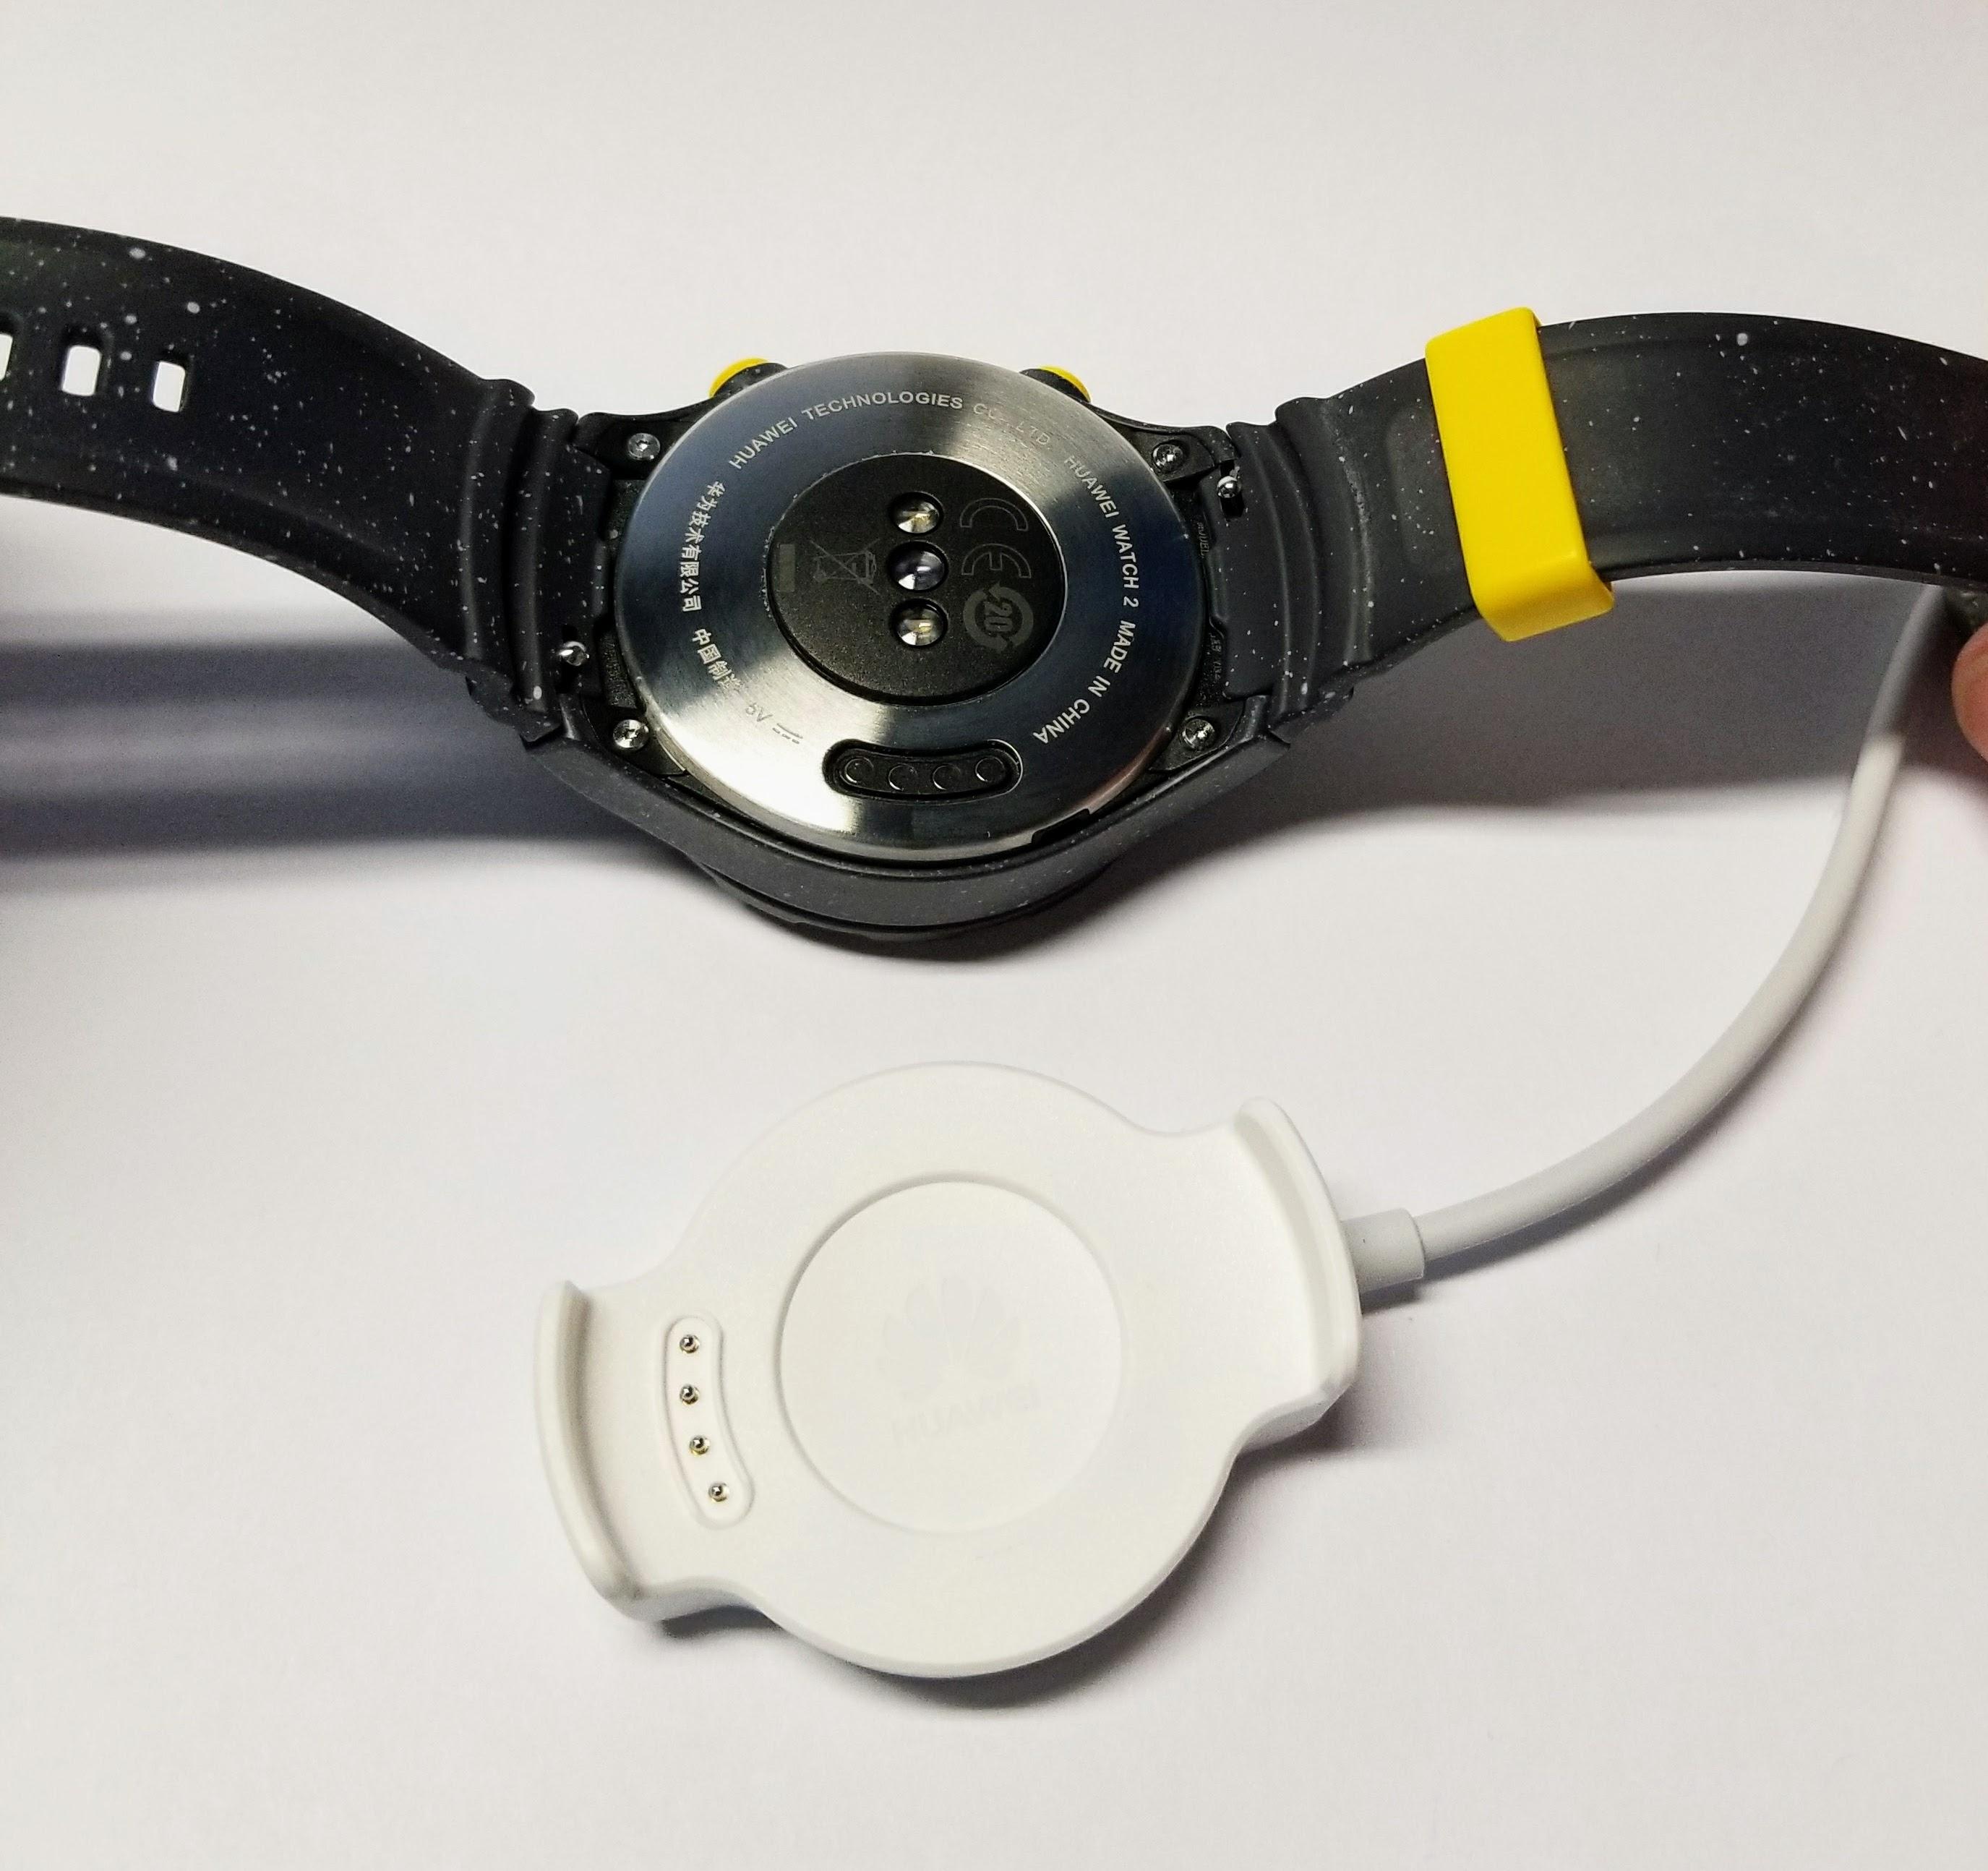 huawei watch 2 charging